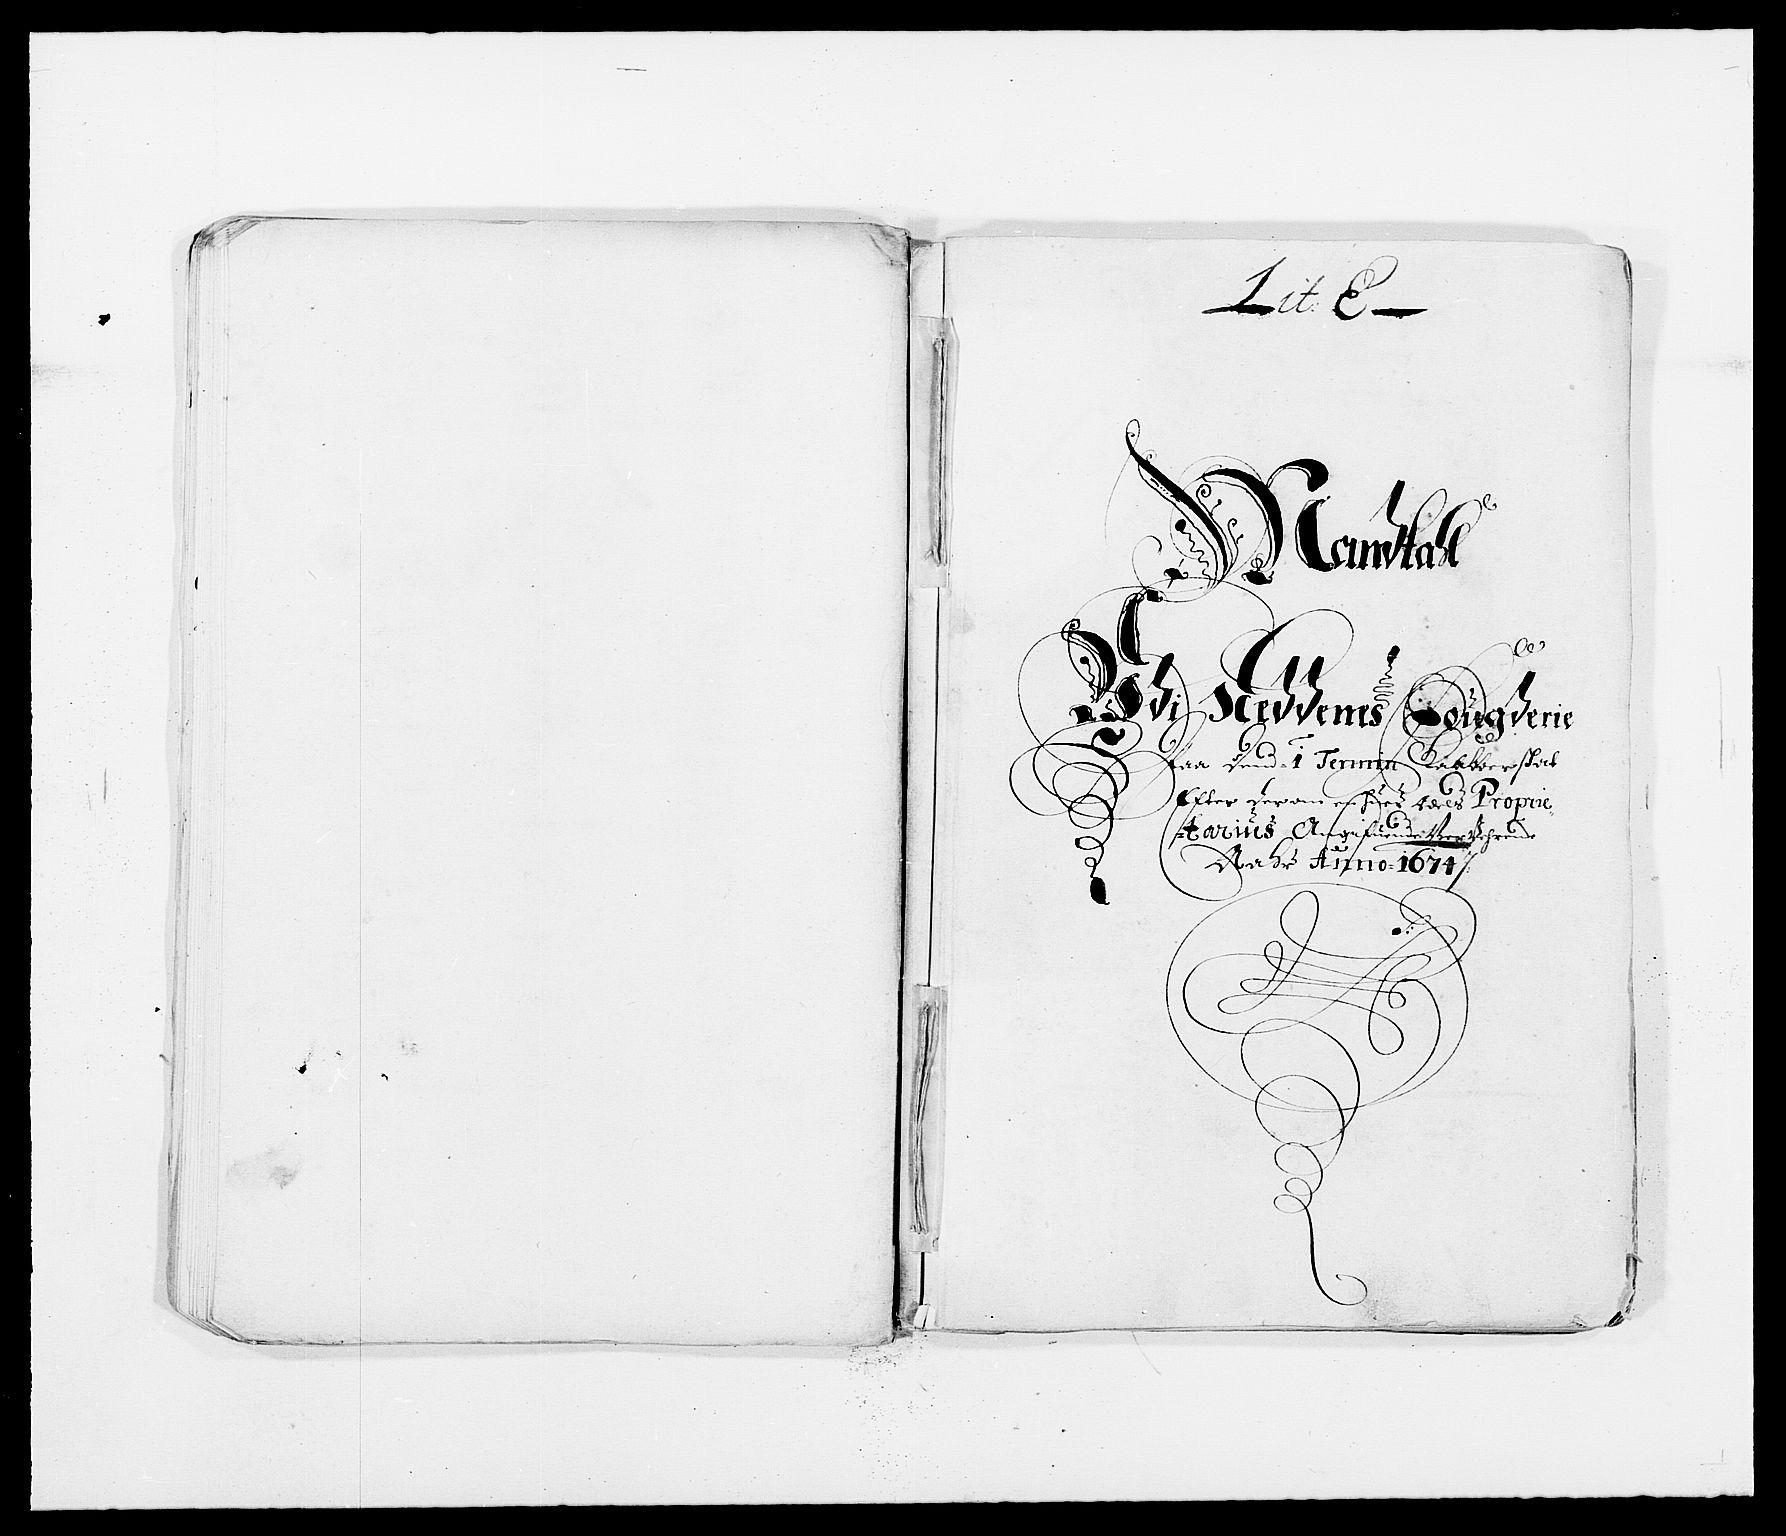 RA, Rentekammeret inntil 1814, Reviderte regnskaper, Fogderegnskap, R39/L2300: Fogderegnskap Nedenes, 1672-1674, s. 334